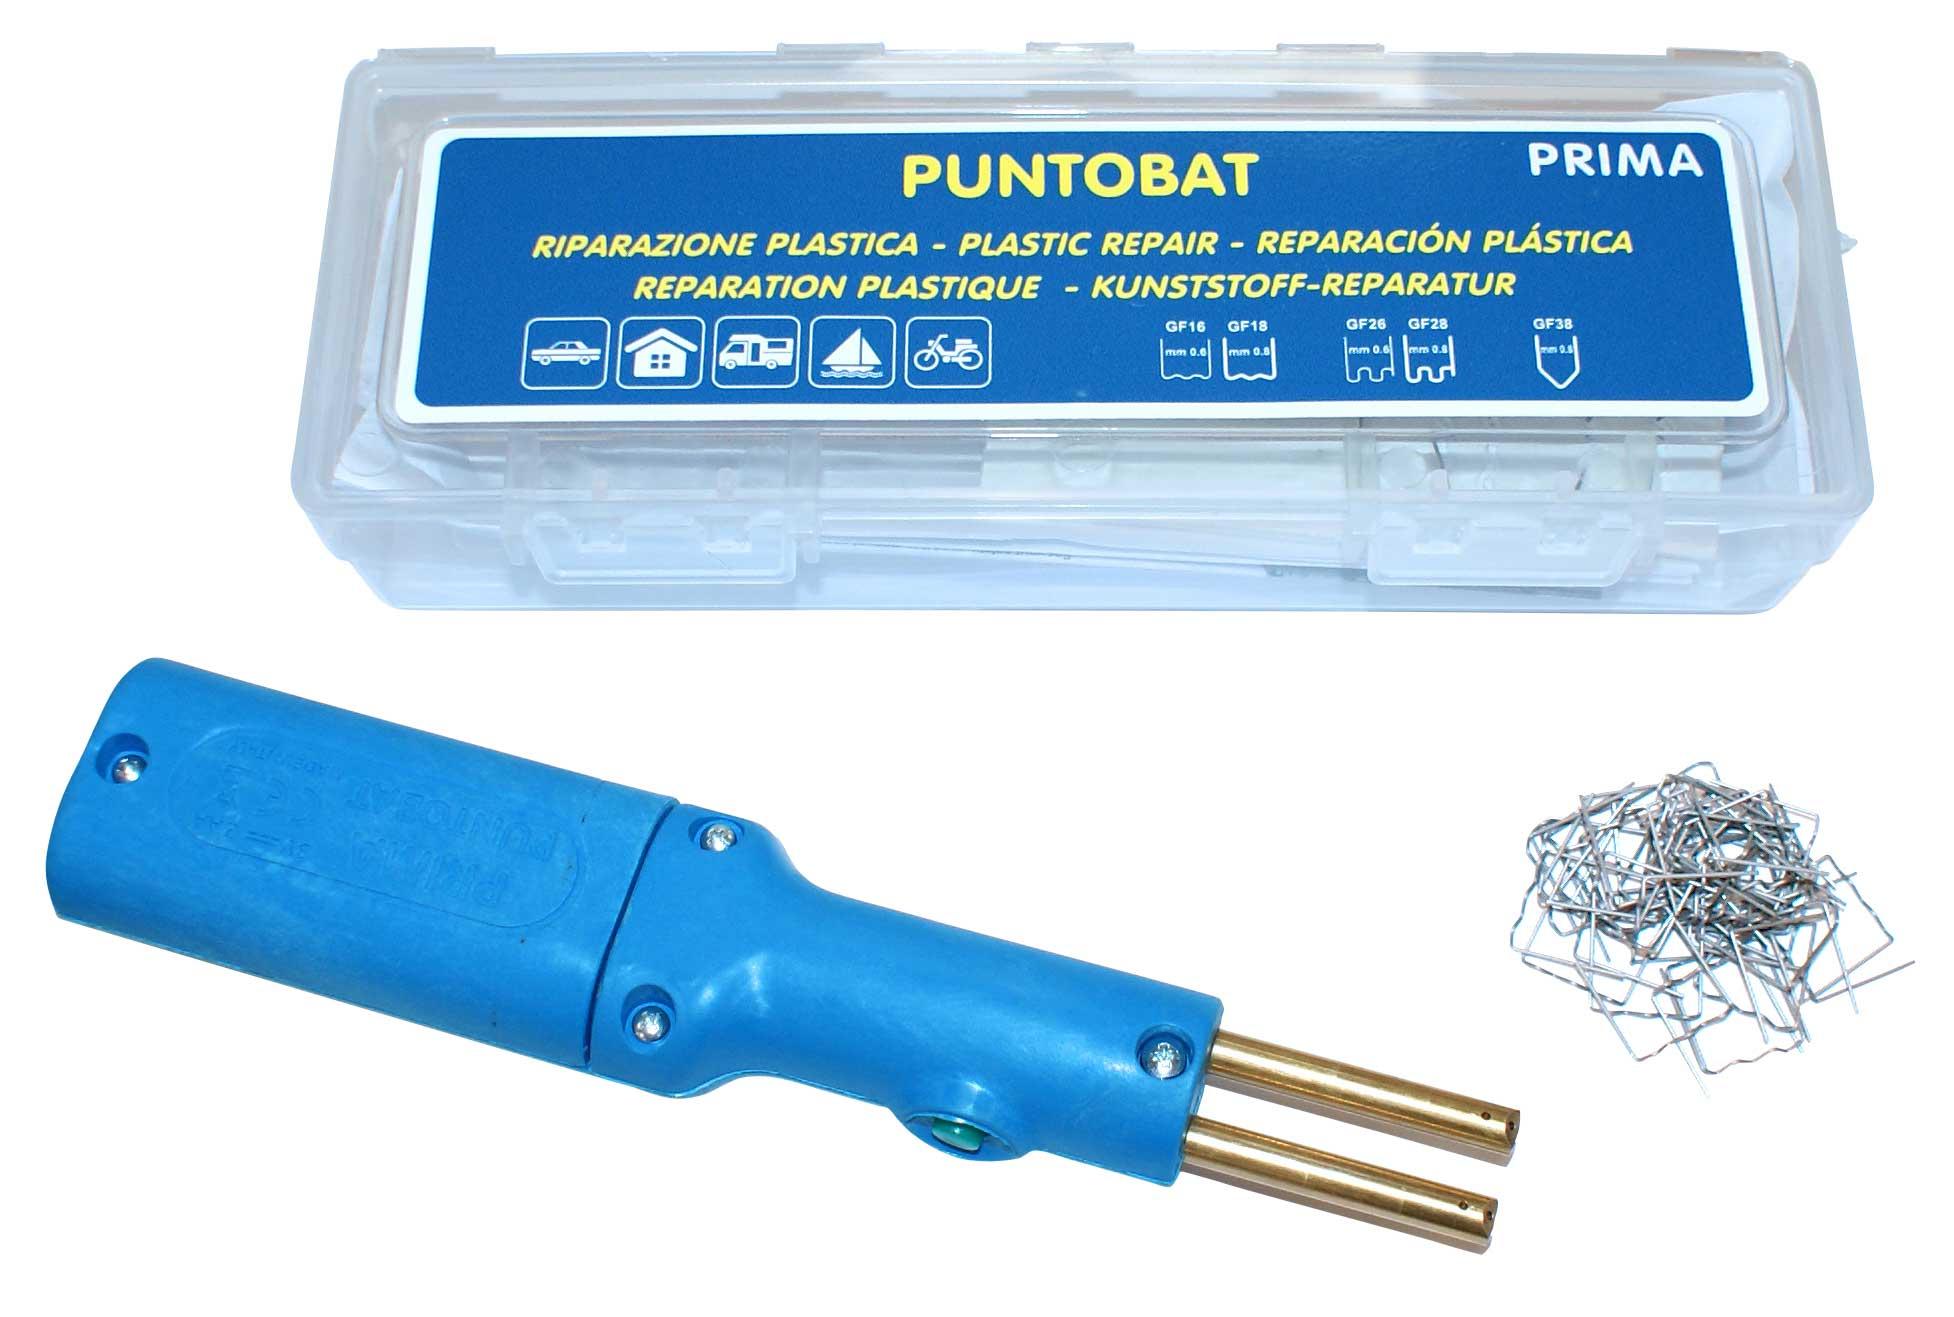 Kit de soldar plasticos con grapas a batería AA con detalle de grapas